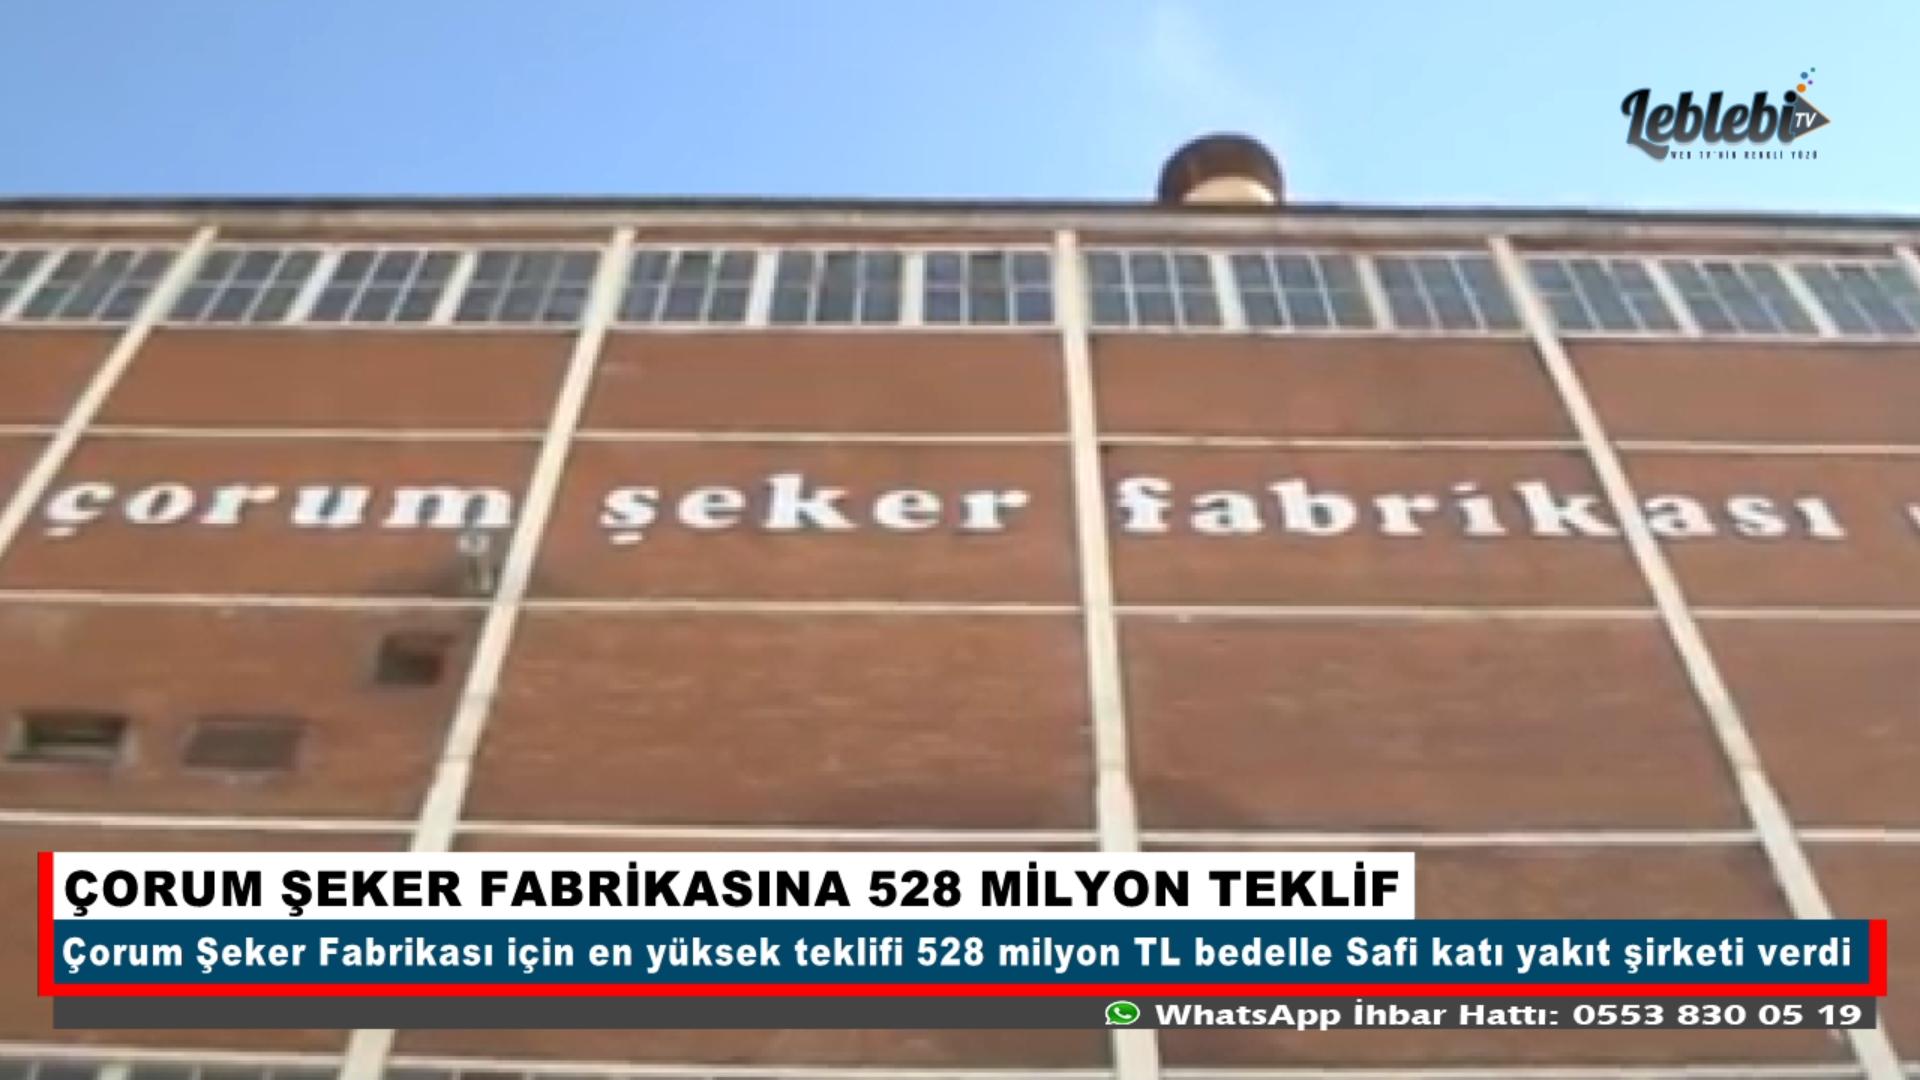 ÇORUM ŞEKER FABRİKASINA 528 MİLYON TEKLİF